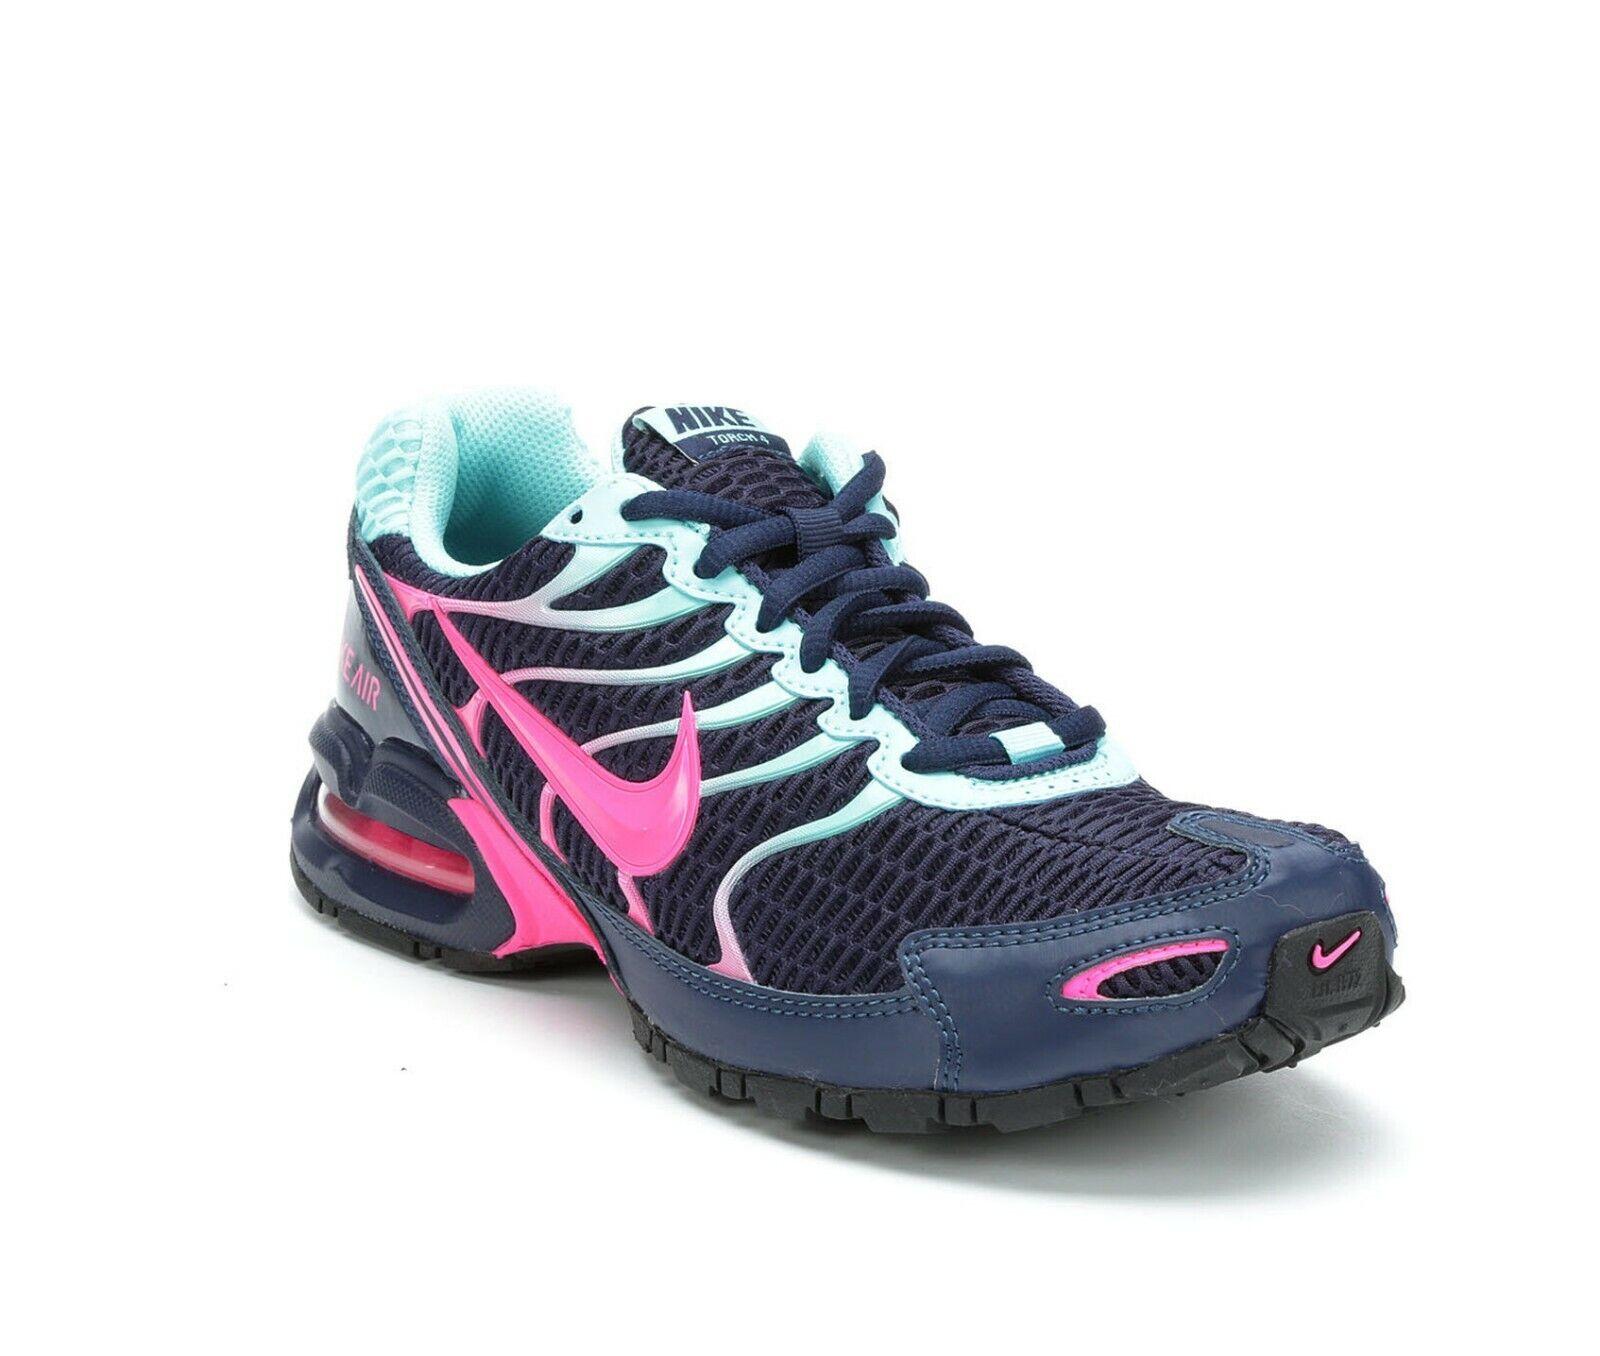 WMNS Nike Air Max Torch 4 Women's